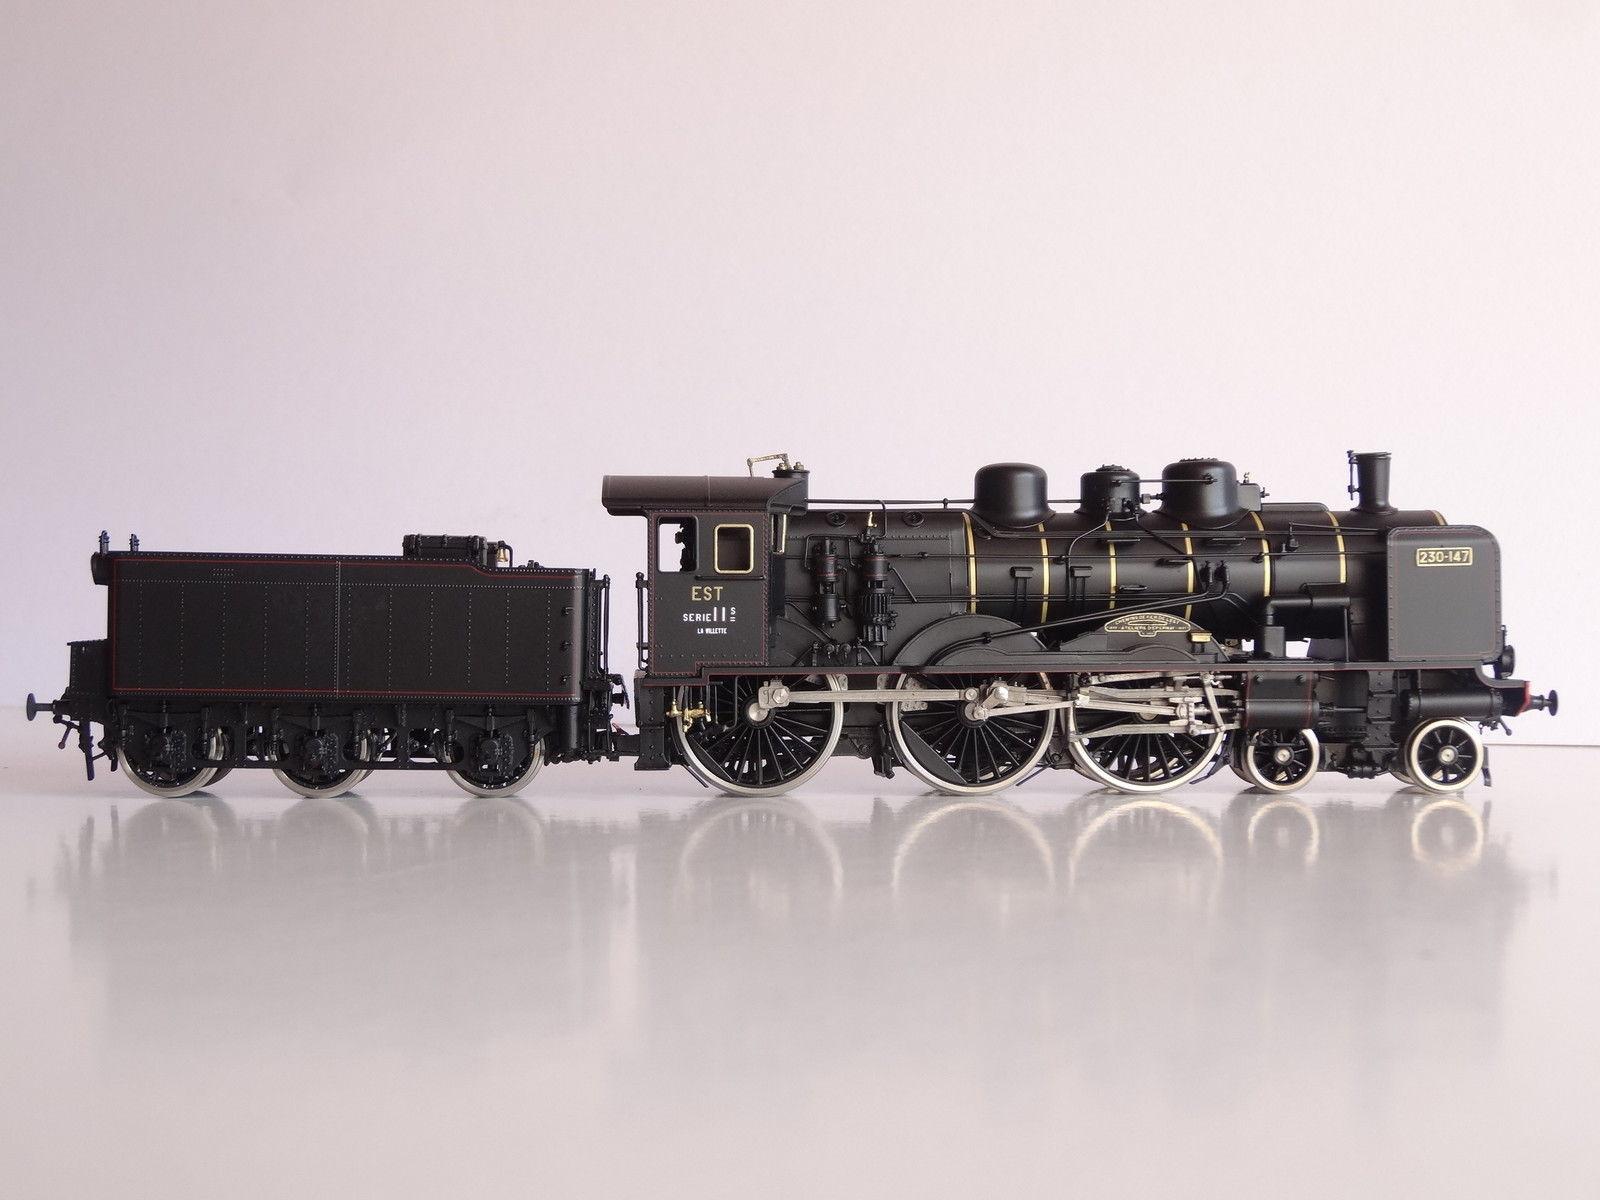 画像3: 鉄道模型 フルグレックス Fulgurex 2229 French EST 230-147 蒸気機関車 HOゲージ